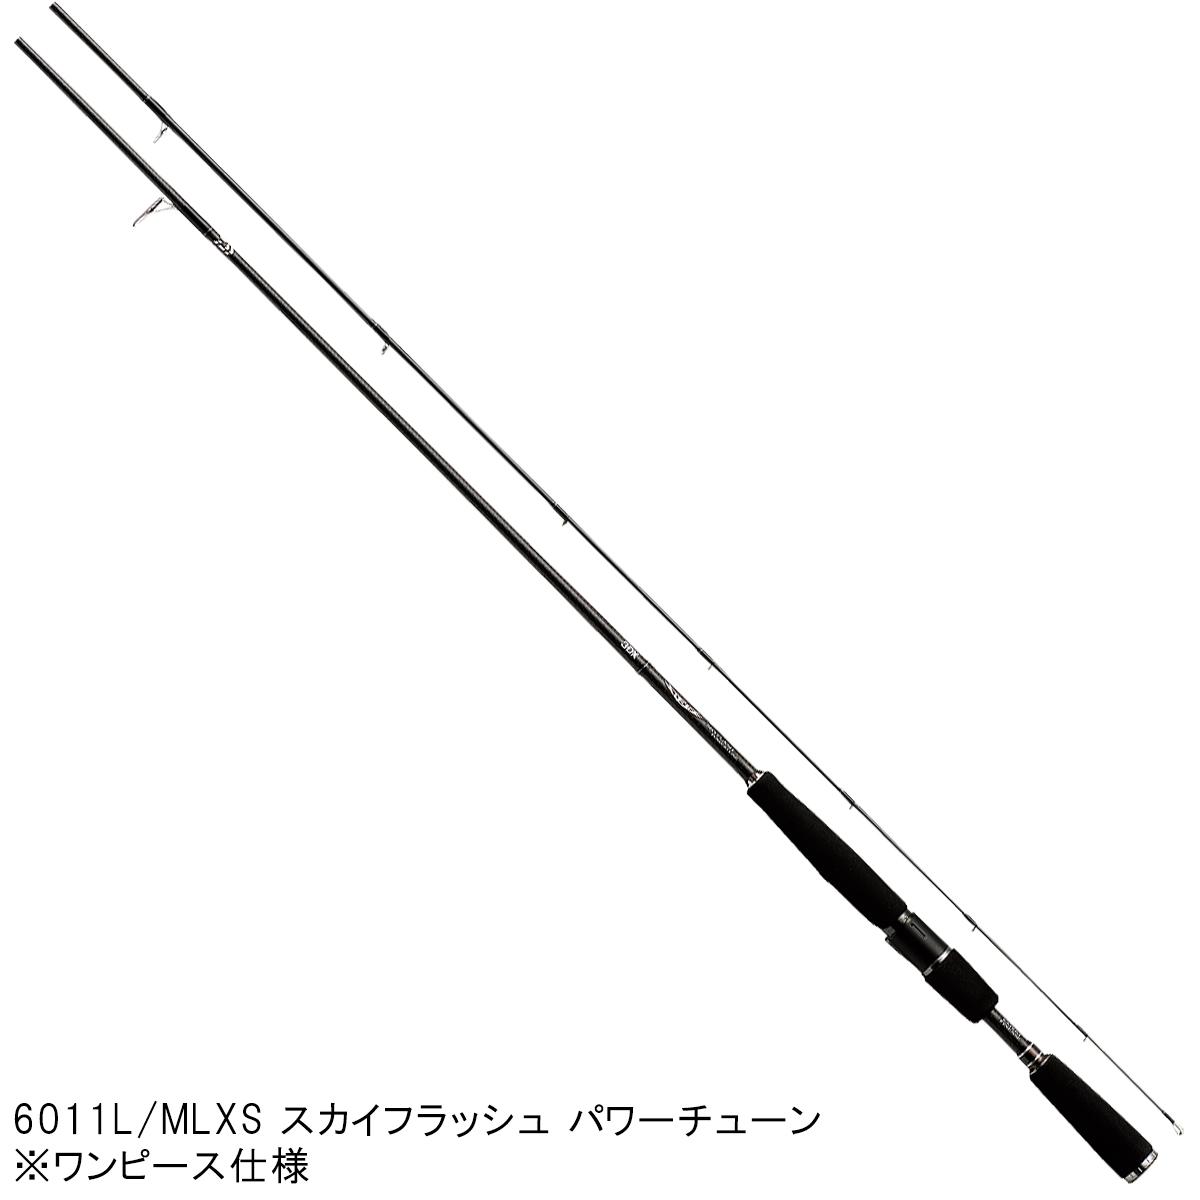 ダイワ スティーズ スピニングモデル 6011L/MLXS スカイフラッシュ パワーチューン【大型商品】